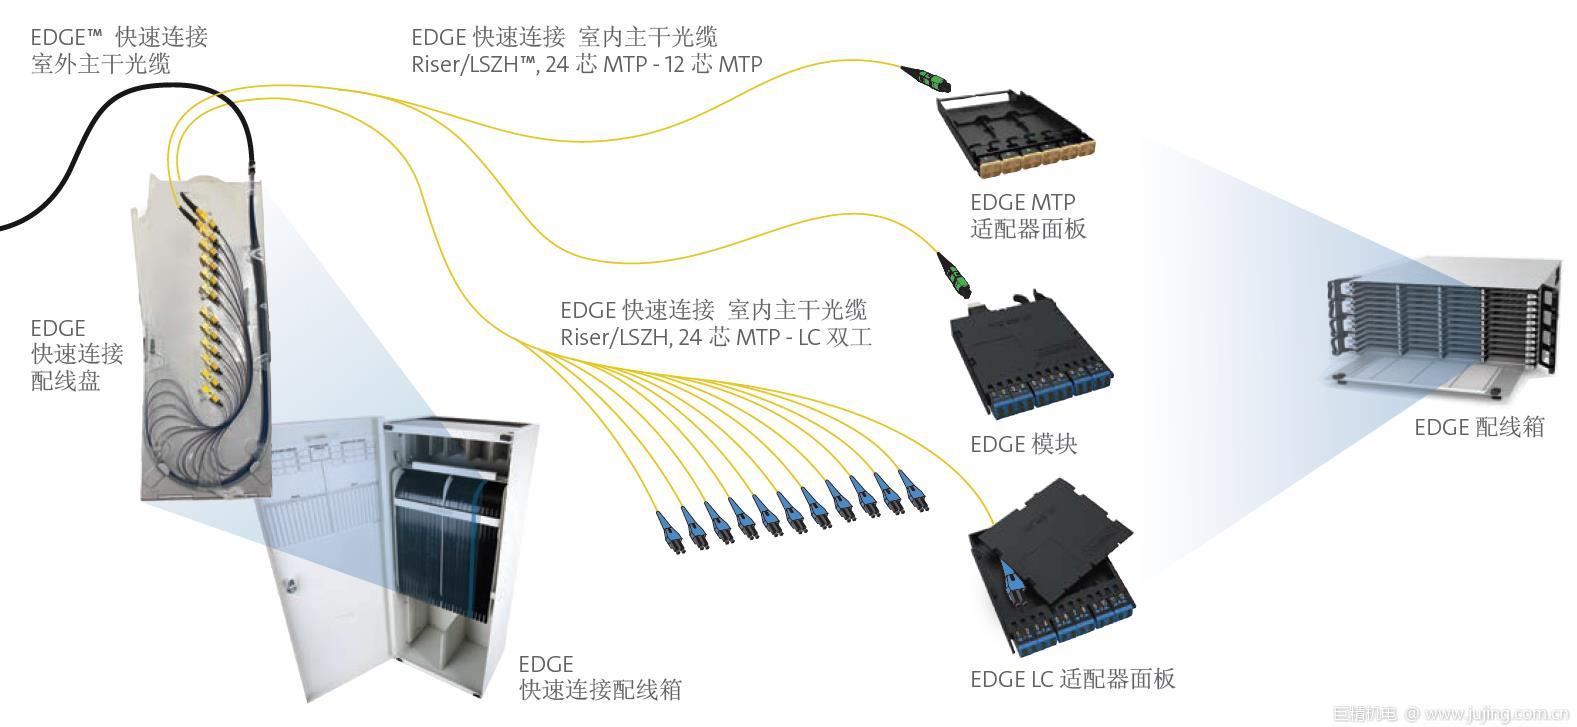 向一天内连接数据中心迈进的一步 康宁发布EDGE快速连接解决方案